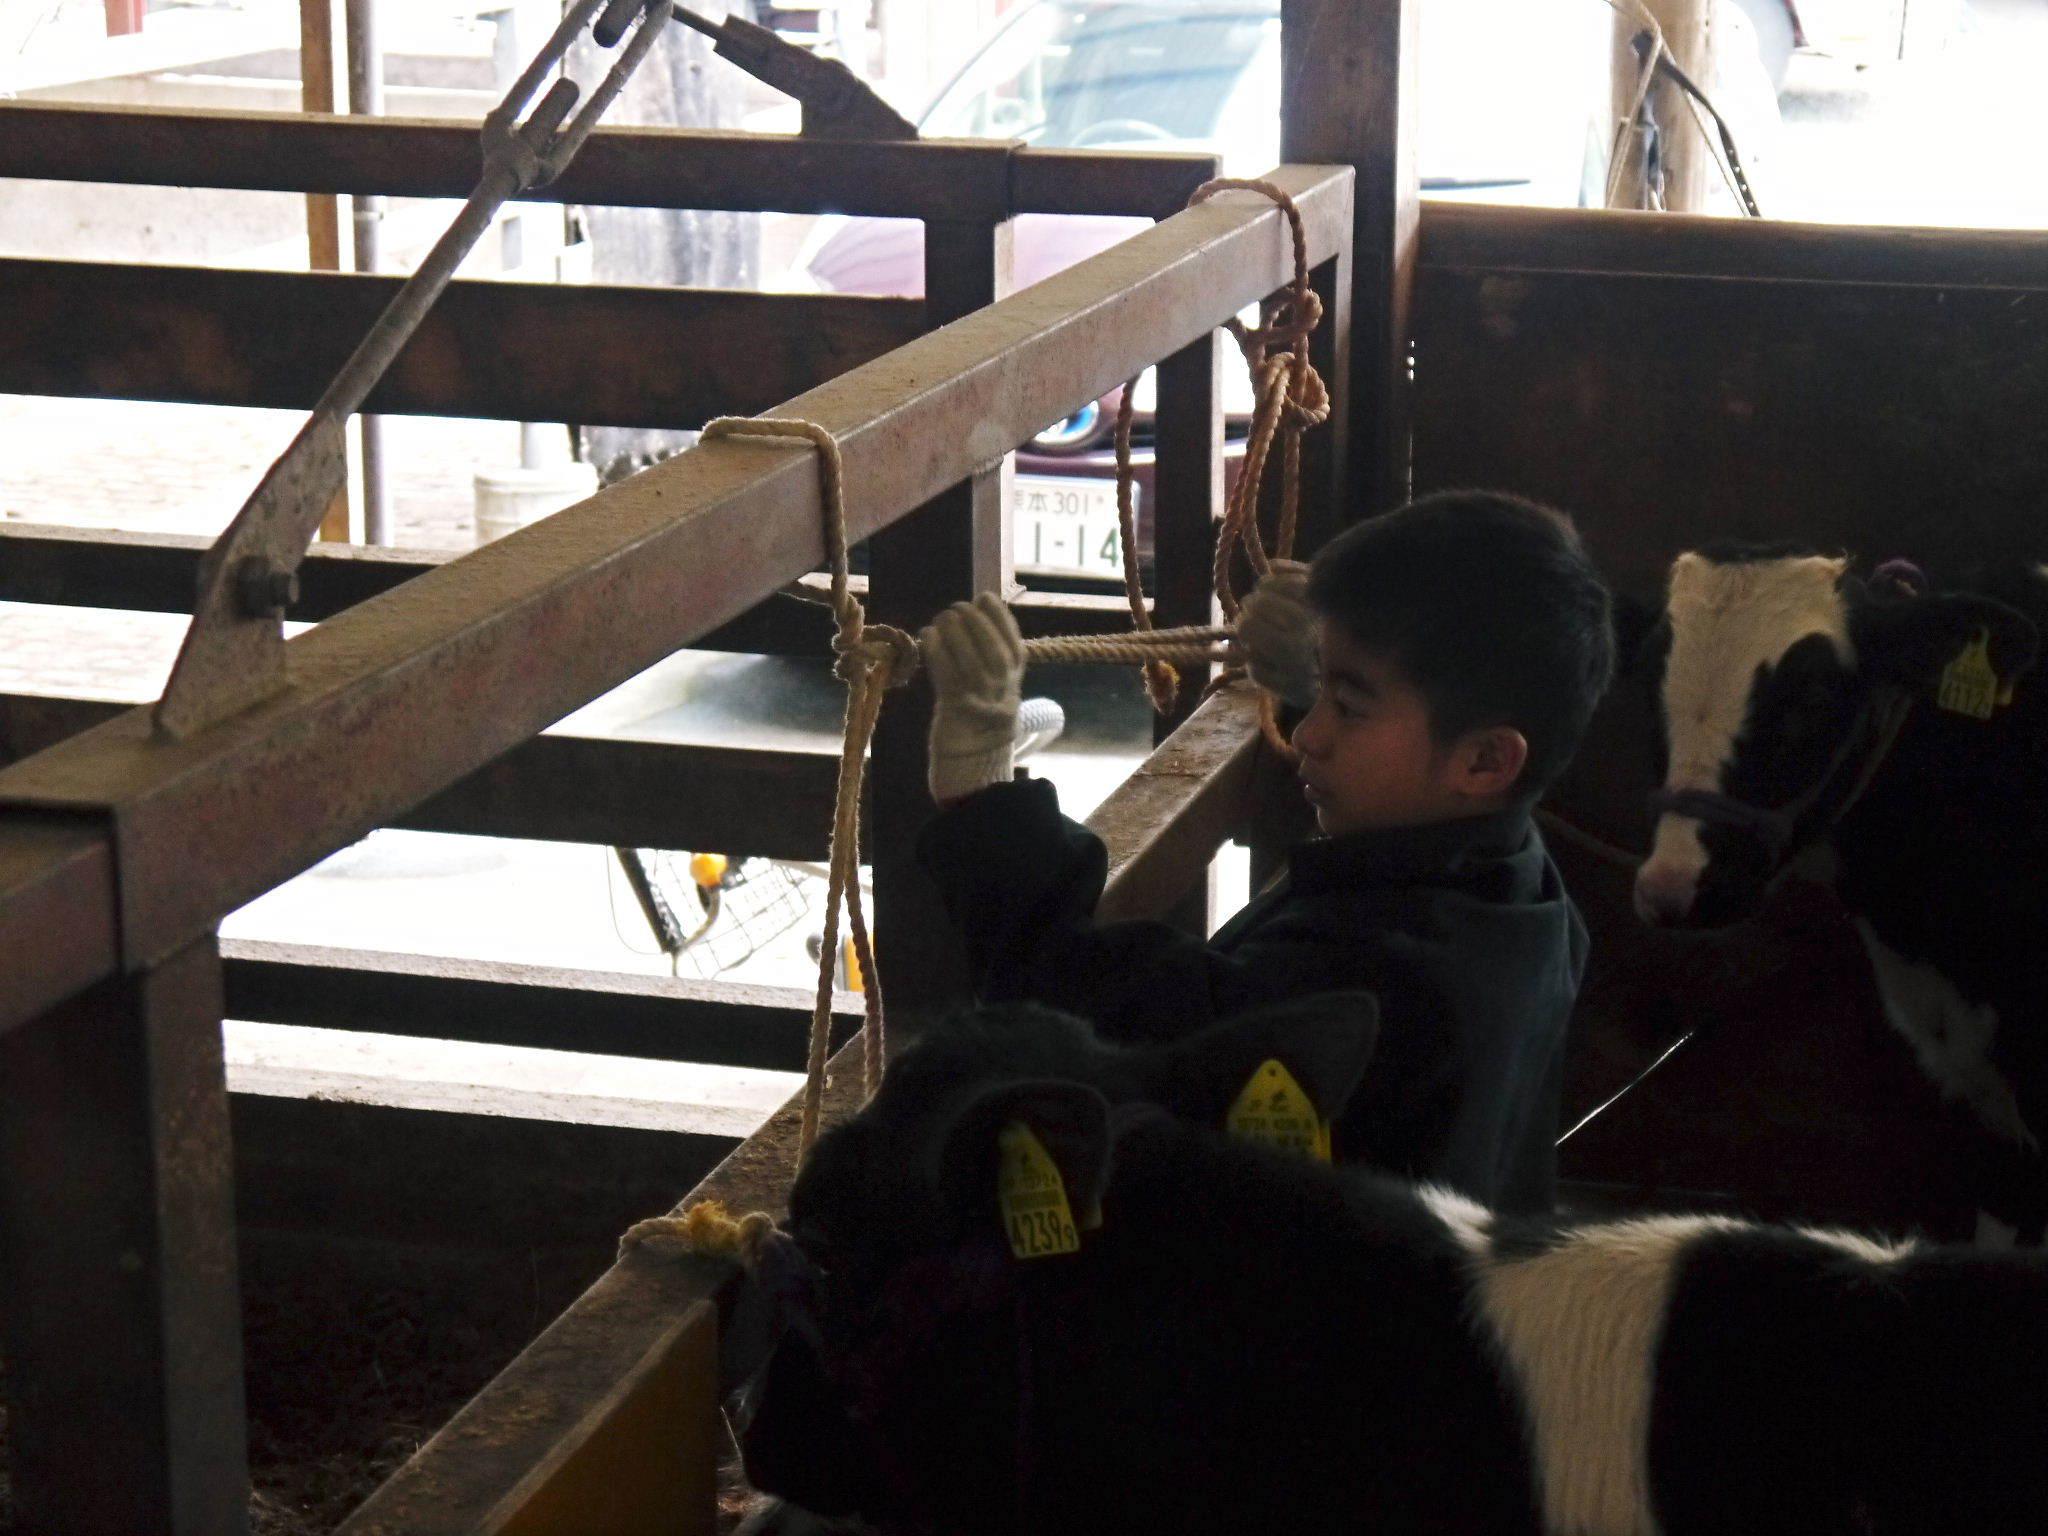 熊本県産黒毛和牛 絶品黒毛和牛を育てる「中野畜産」さんのファミリー紹介_a0254656_17244017.jpg